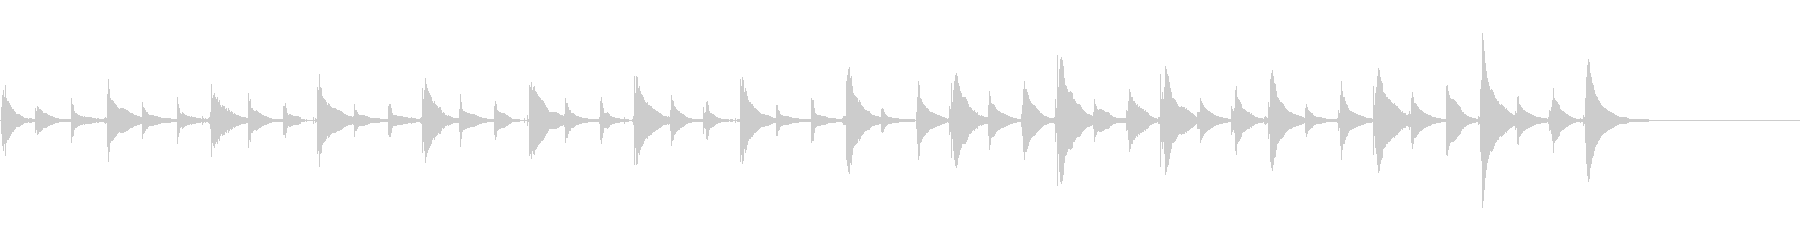 思考中、想像中に最適な不思議なウクレレ曲の未再生の波形